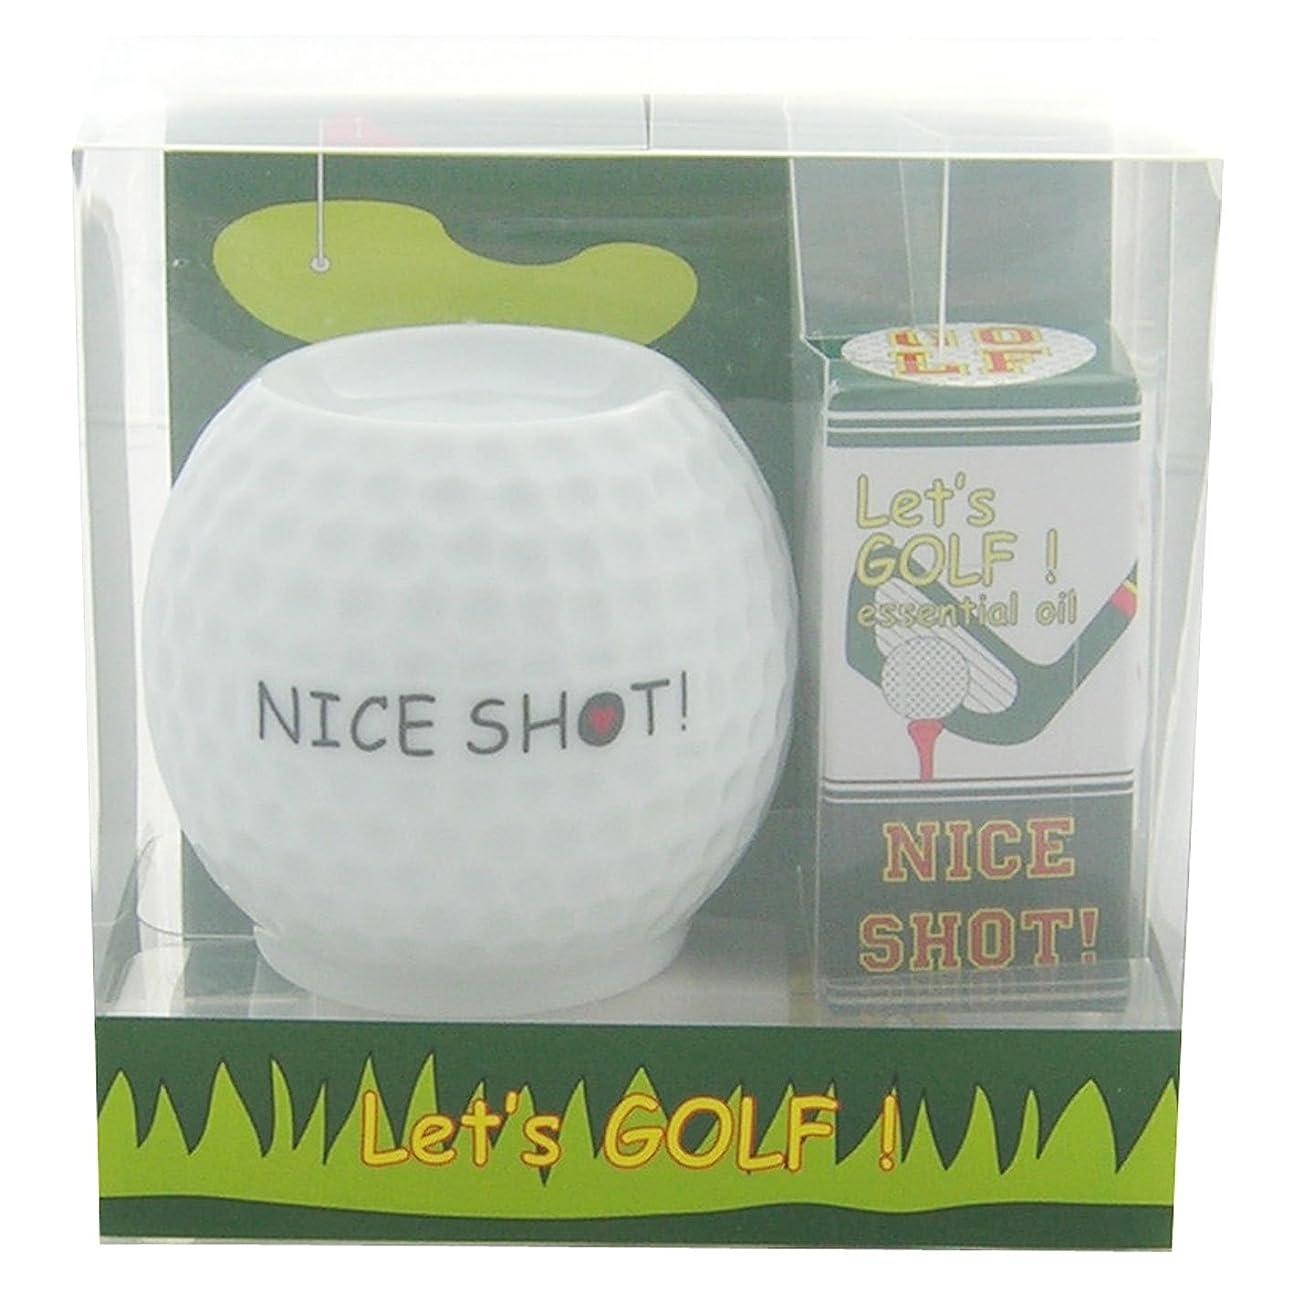 フリート レッツ ゴルフ! アロマライトセット ナイスショット! 4ml